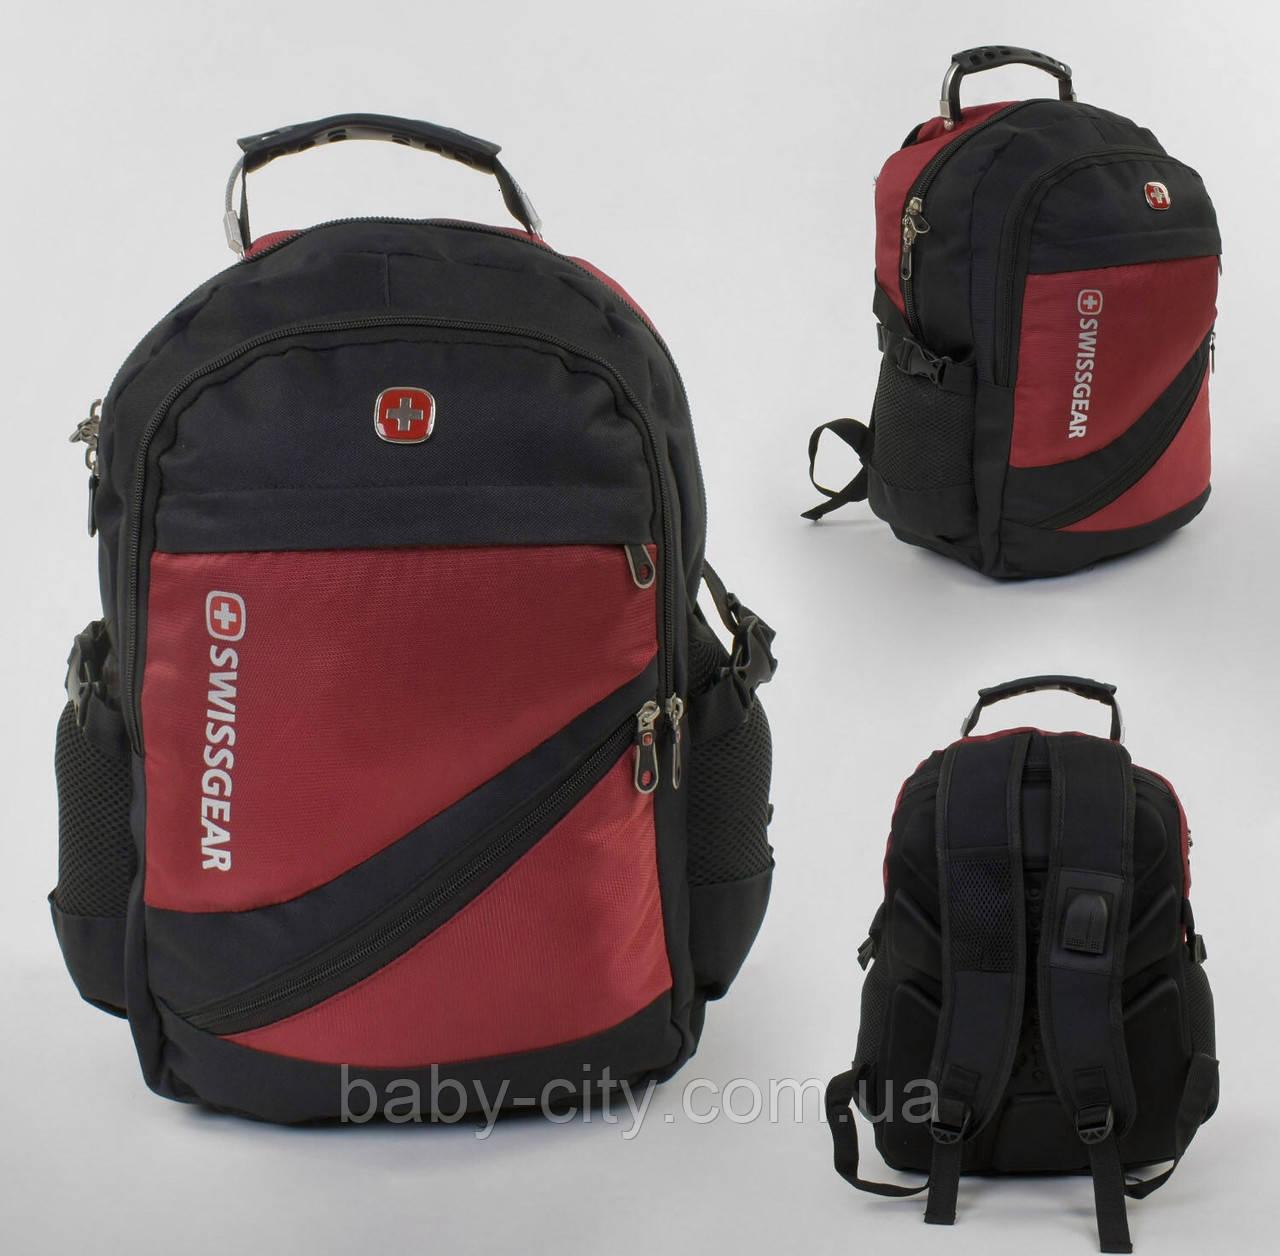 Рюкзак школьный с разъемом USB и MP3 С 43538 с 6 карманами, ортопедической спиной, защитным чехлом